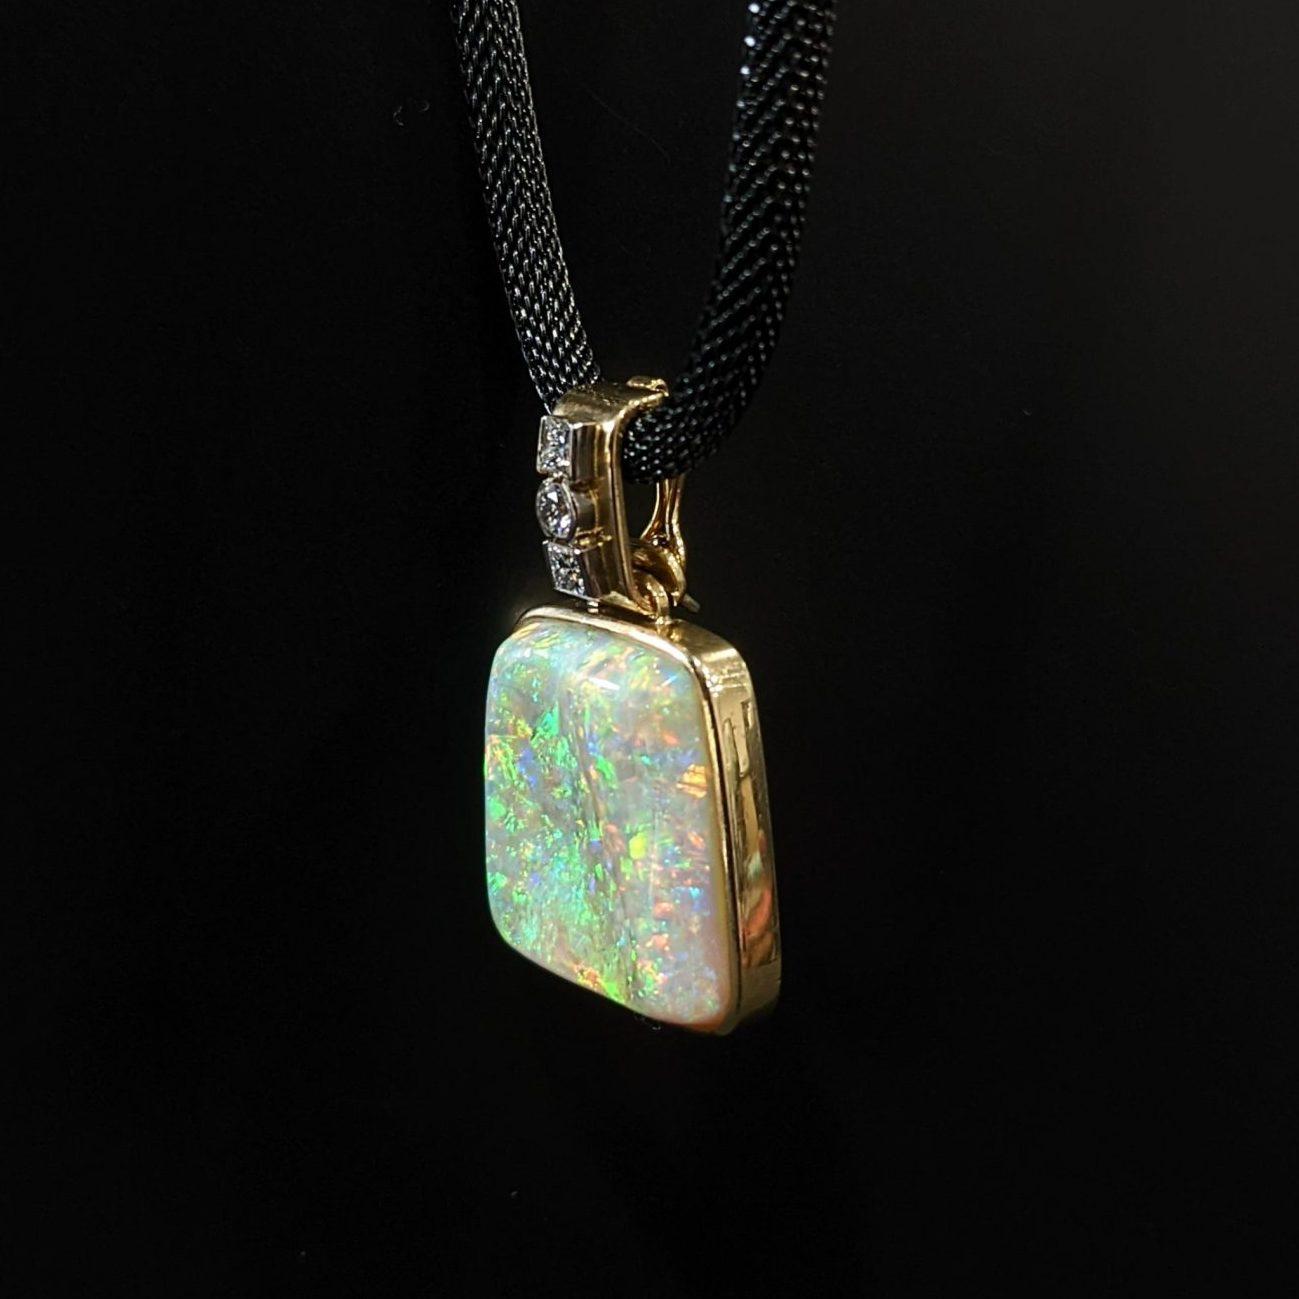 Australian white opal and diamond pendant for women